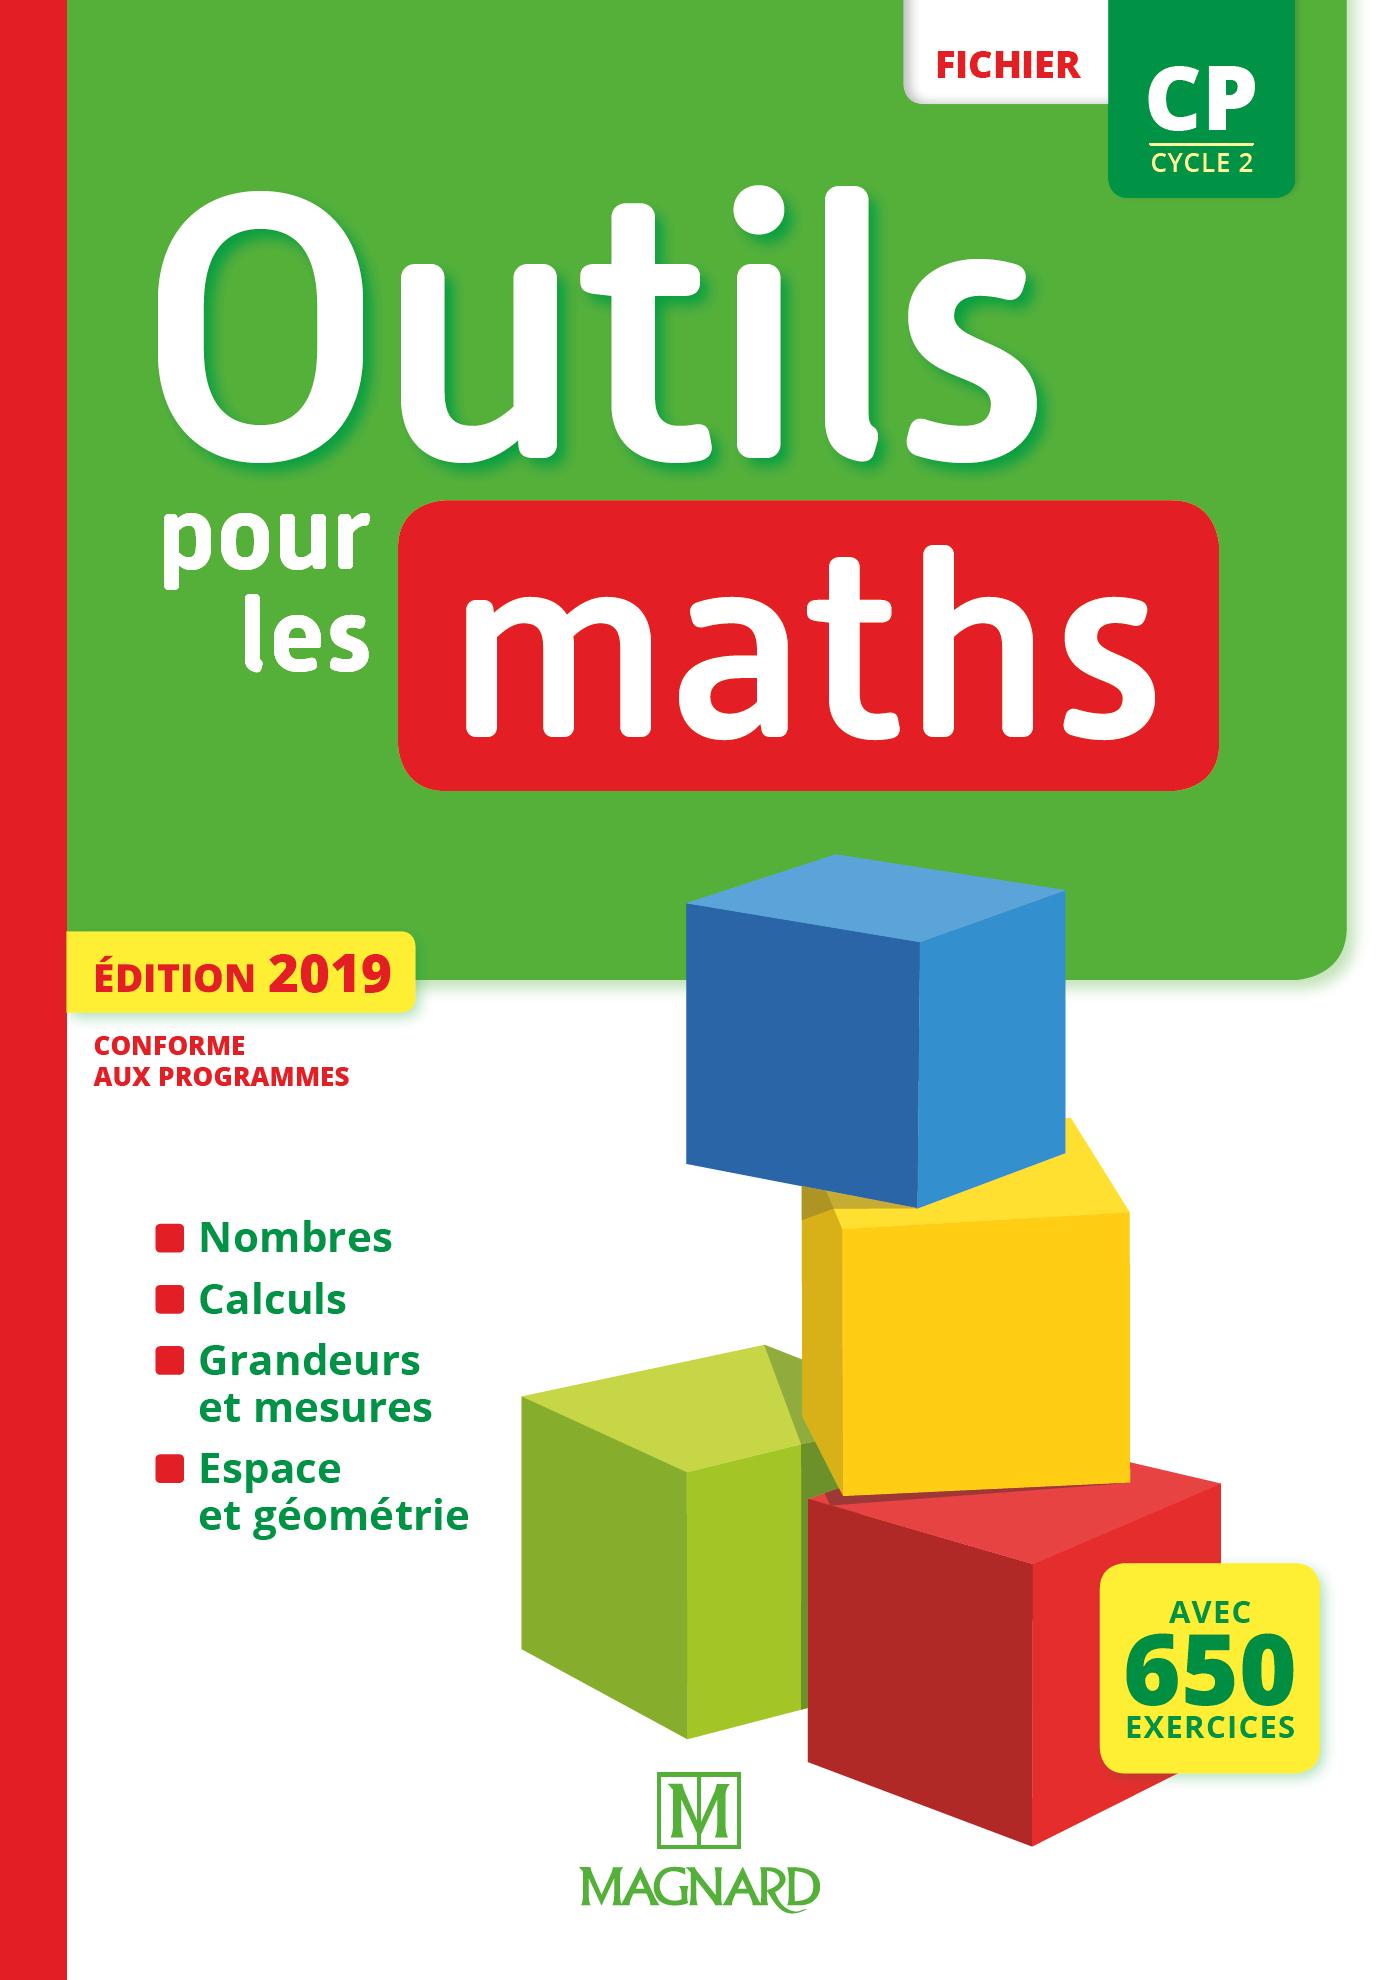 Outils Pour Les Maths Cp (2019) - Fichier De L'élève concernant Fiche Géométrie Cp